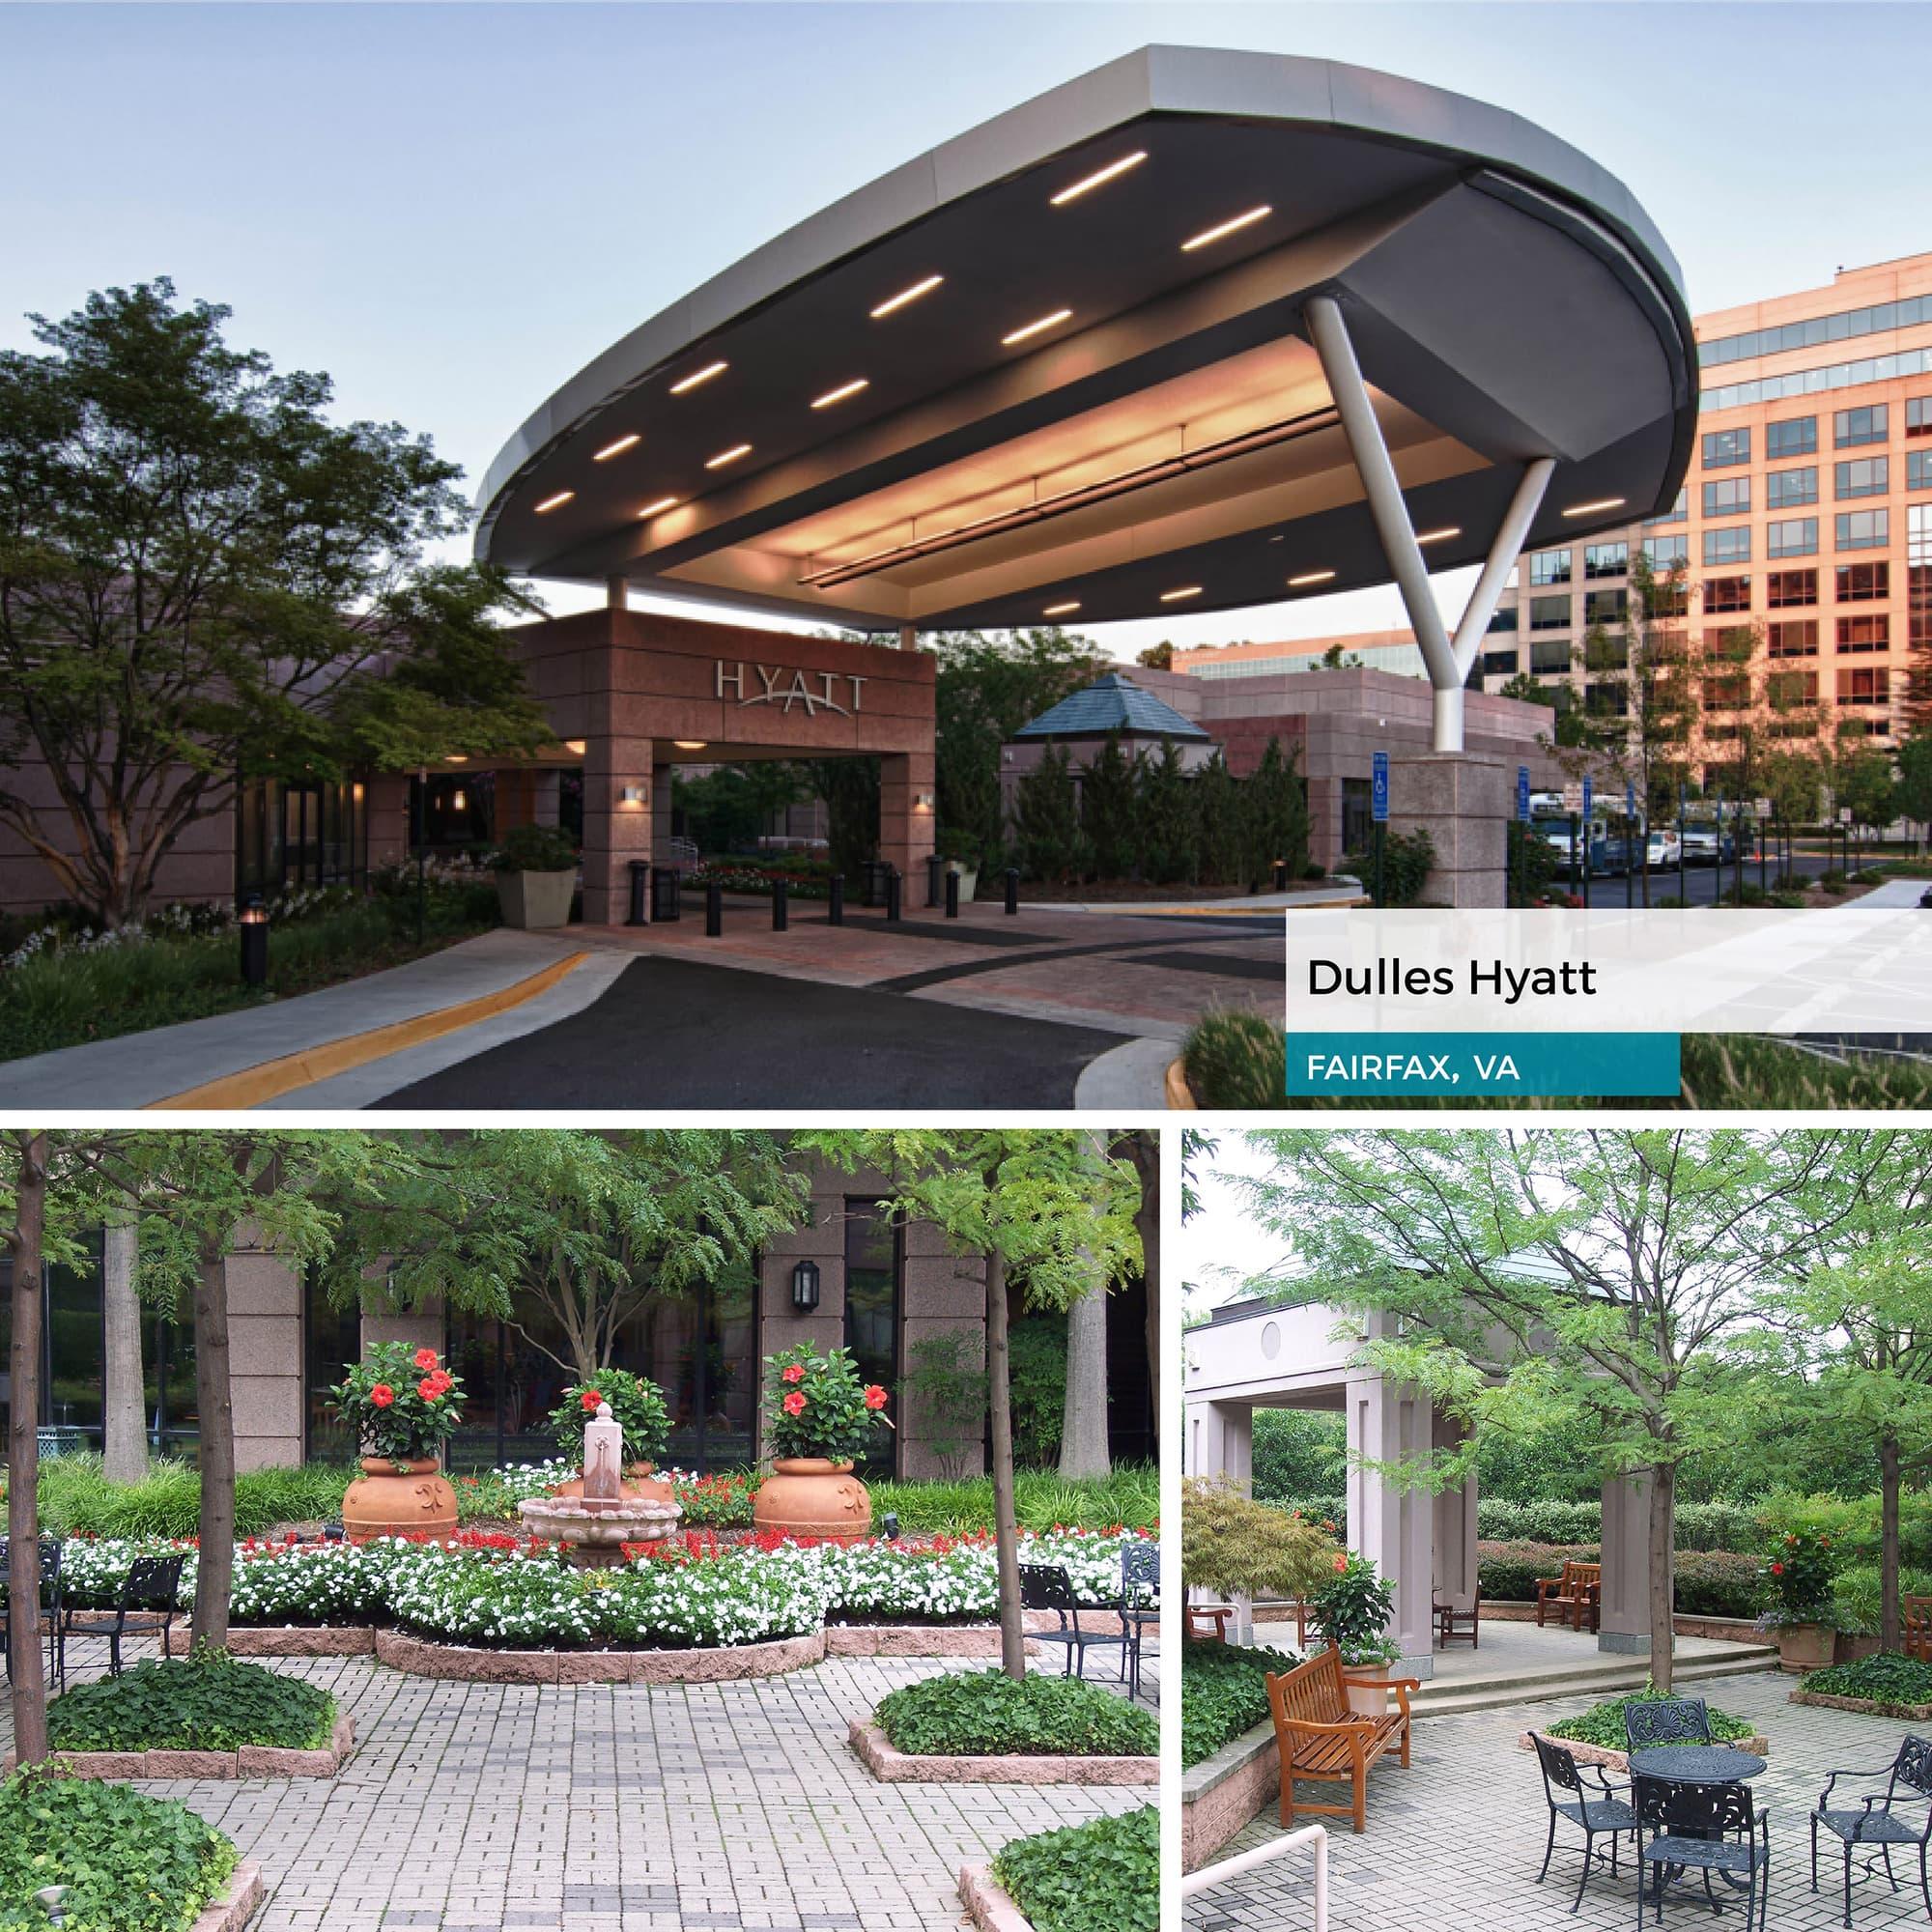 Dulles Hyatt in Fairfax, VA